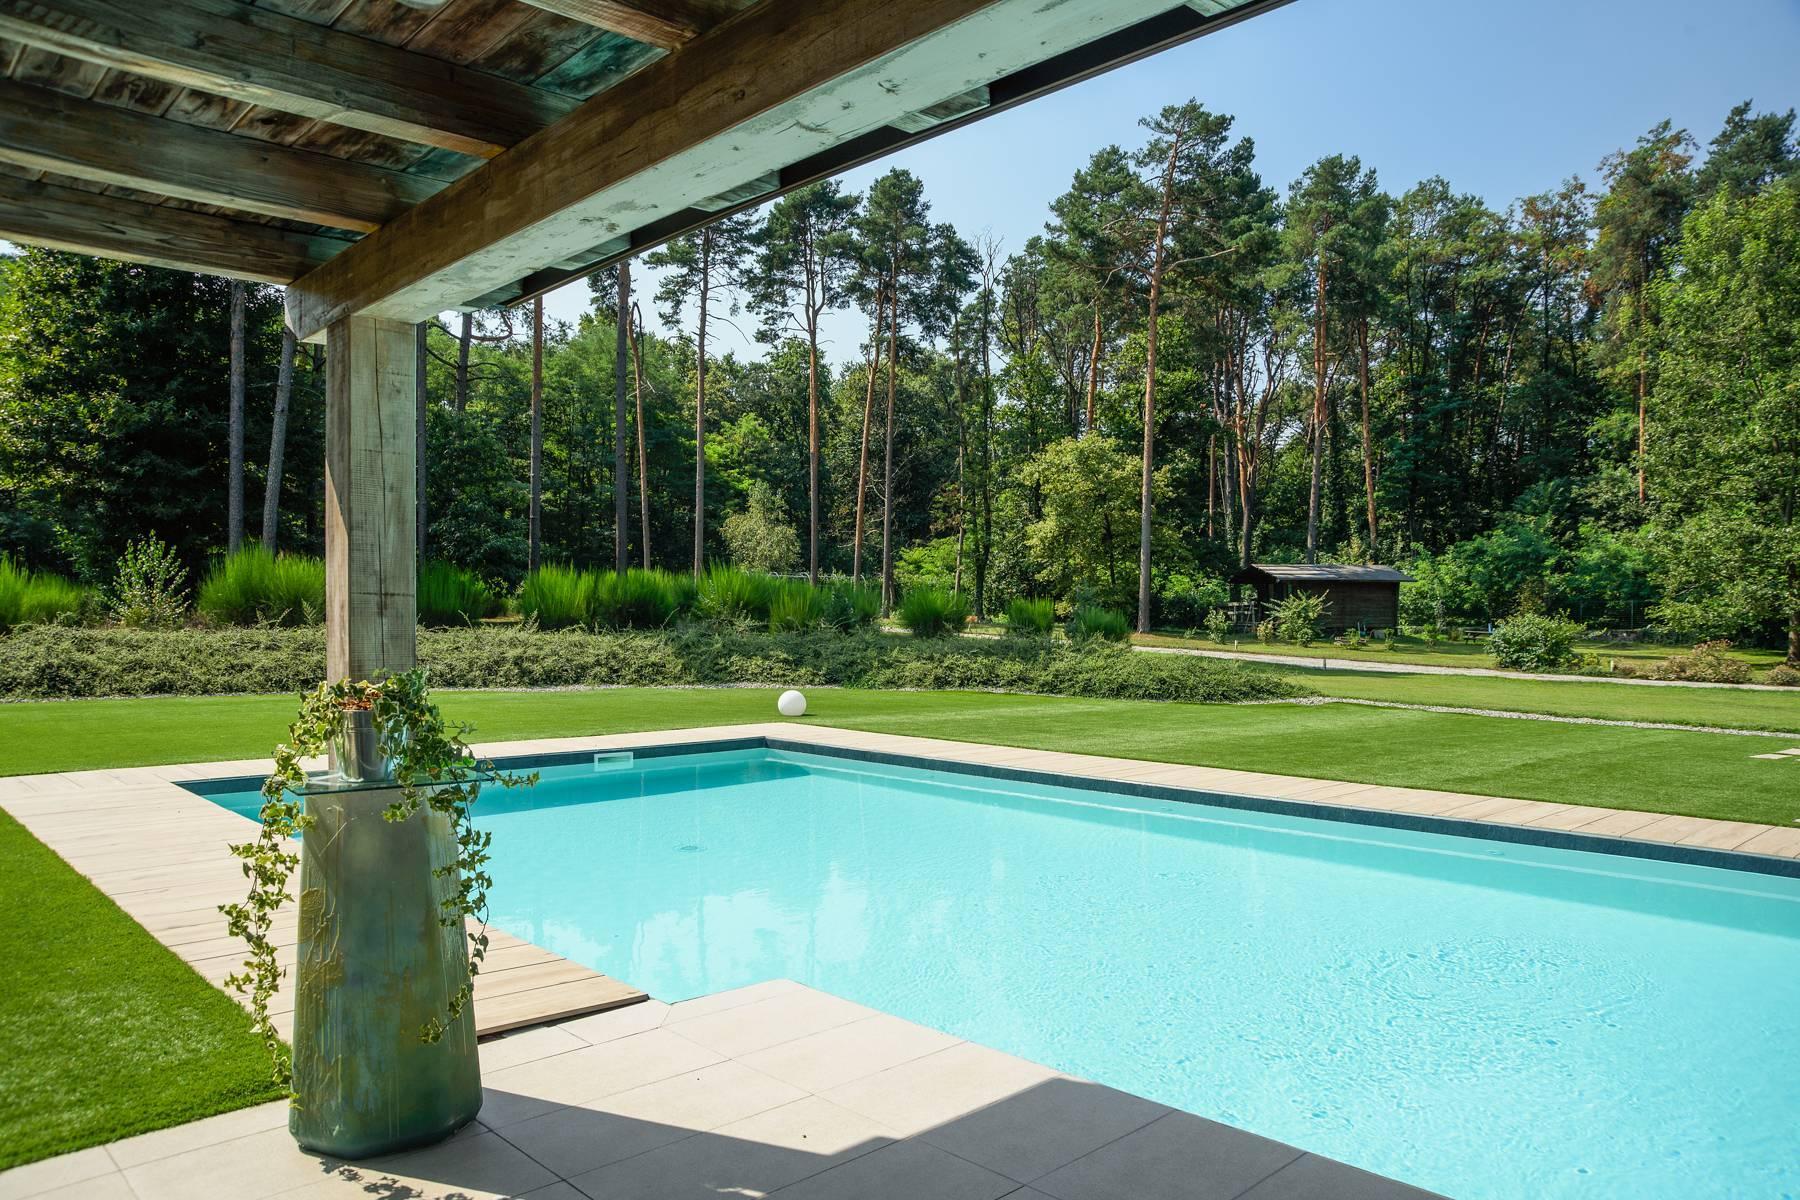 Charmante villa moderne nichée dans la nature - 35